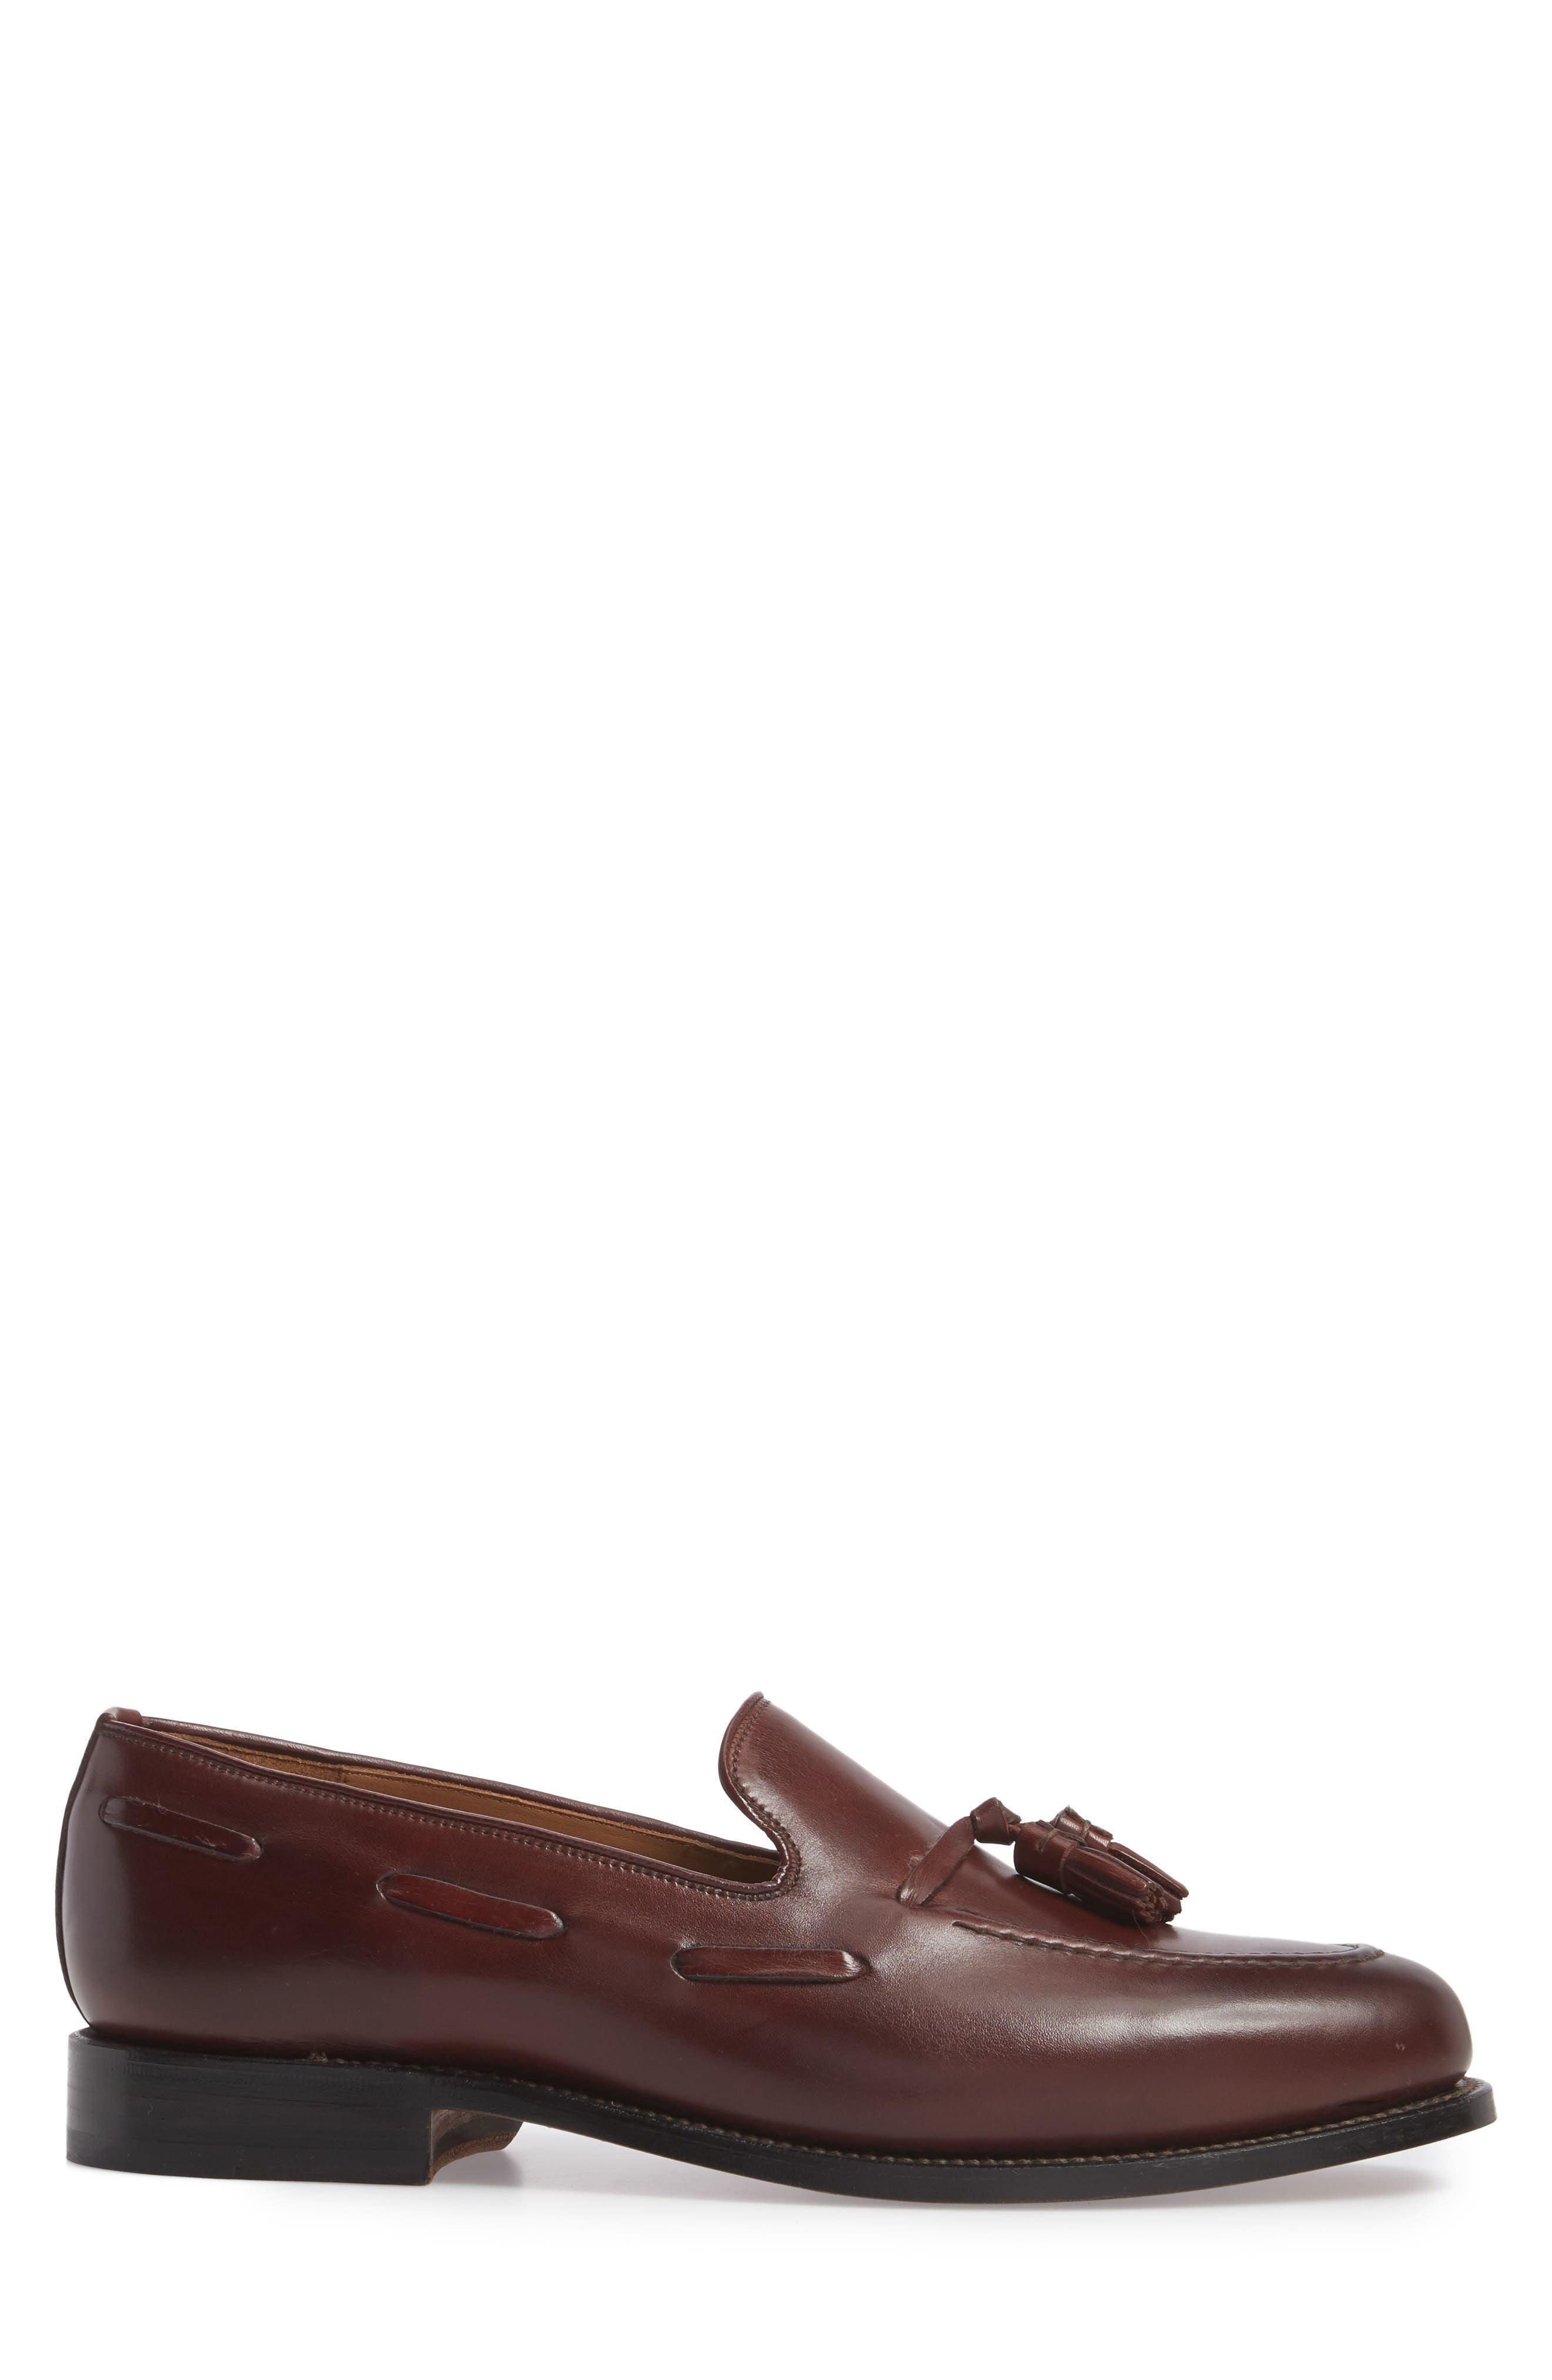 Berkeley Tassel Loafer,                             Alternate thumbnail 3, color,                             Burgundy